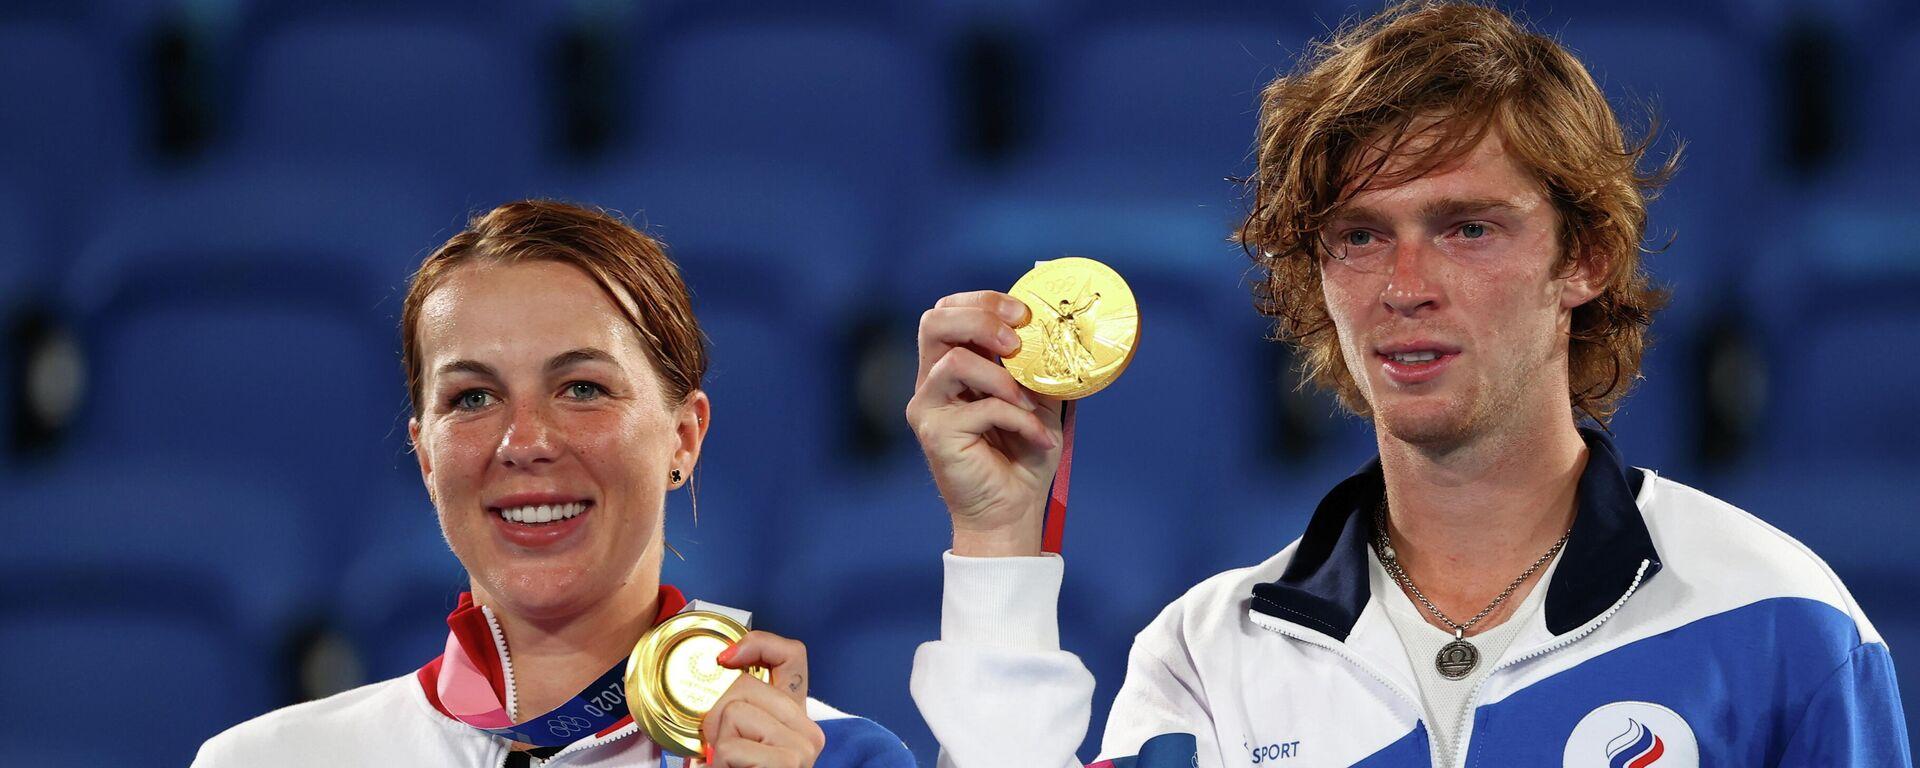 Los tenistas rusos Anastasia Pavlyuchenkova y Andrey Rublev con sus medallas de oro  - Sputnik Mundo, 1920, 01.08.2021